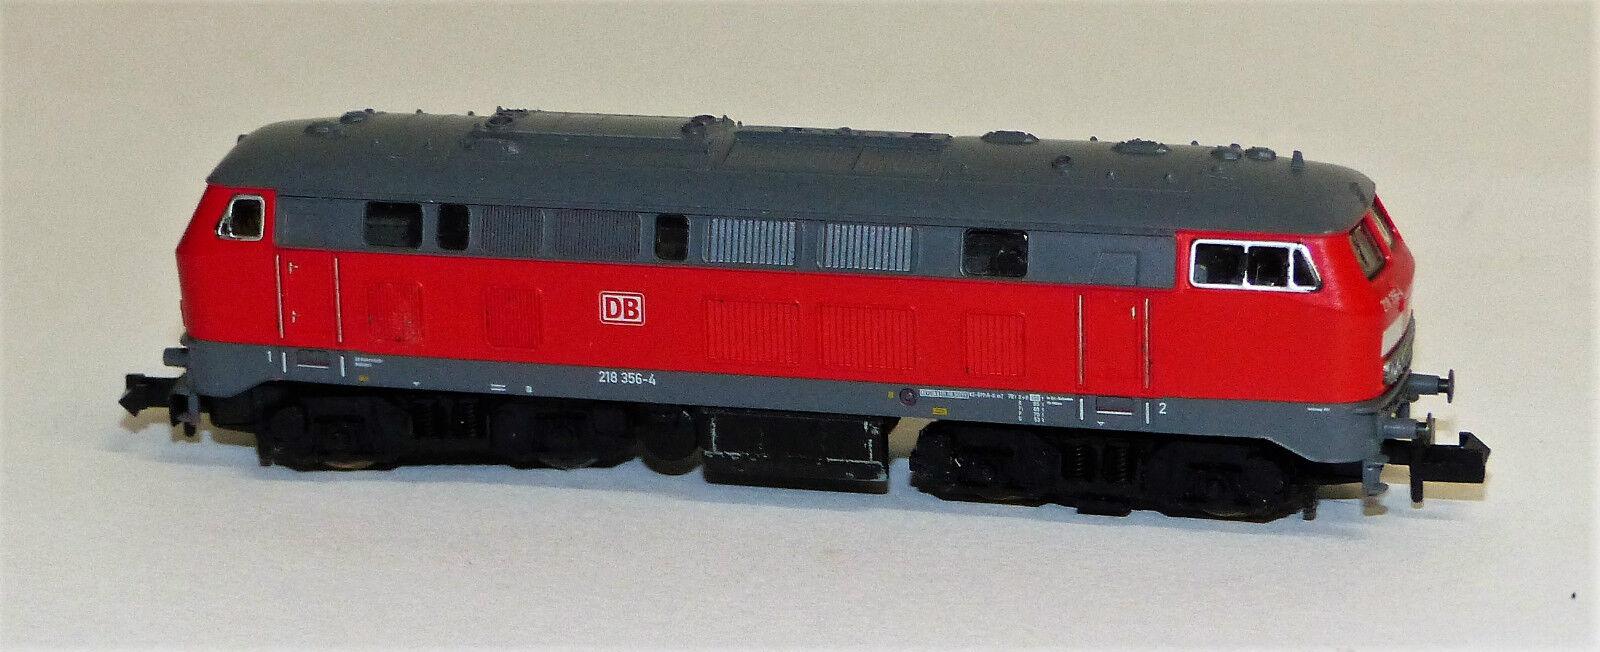 Fleischmann 7236 piccolo DIESEL BR 218 356-4 DB Spur N